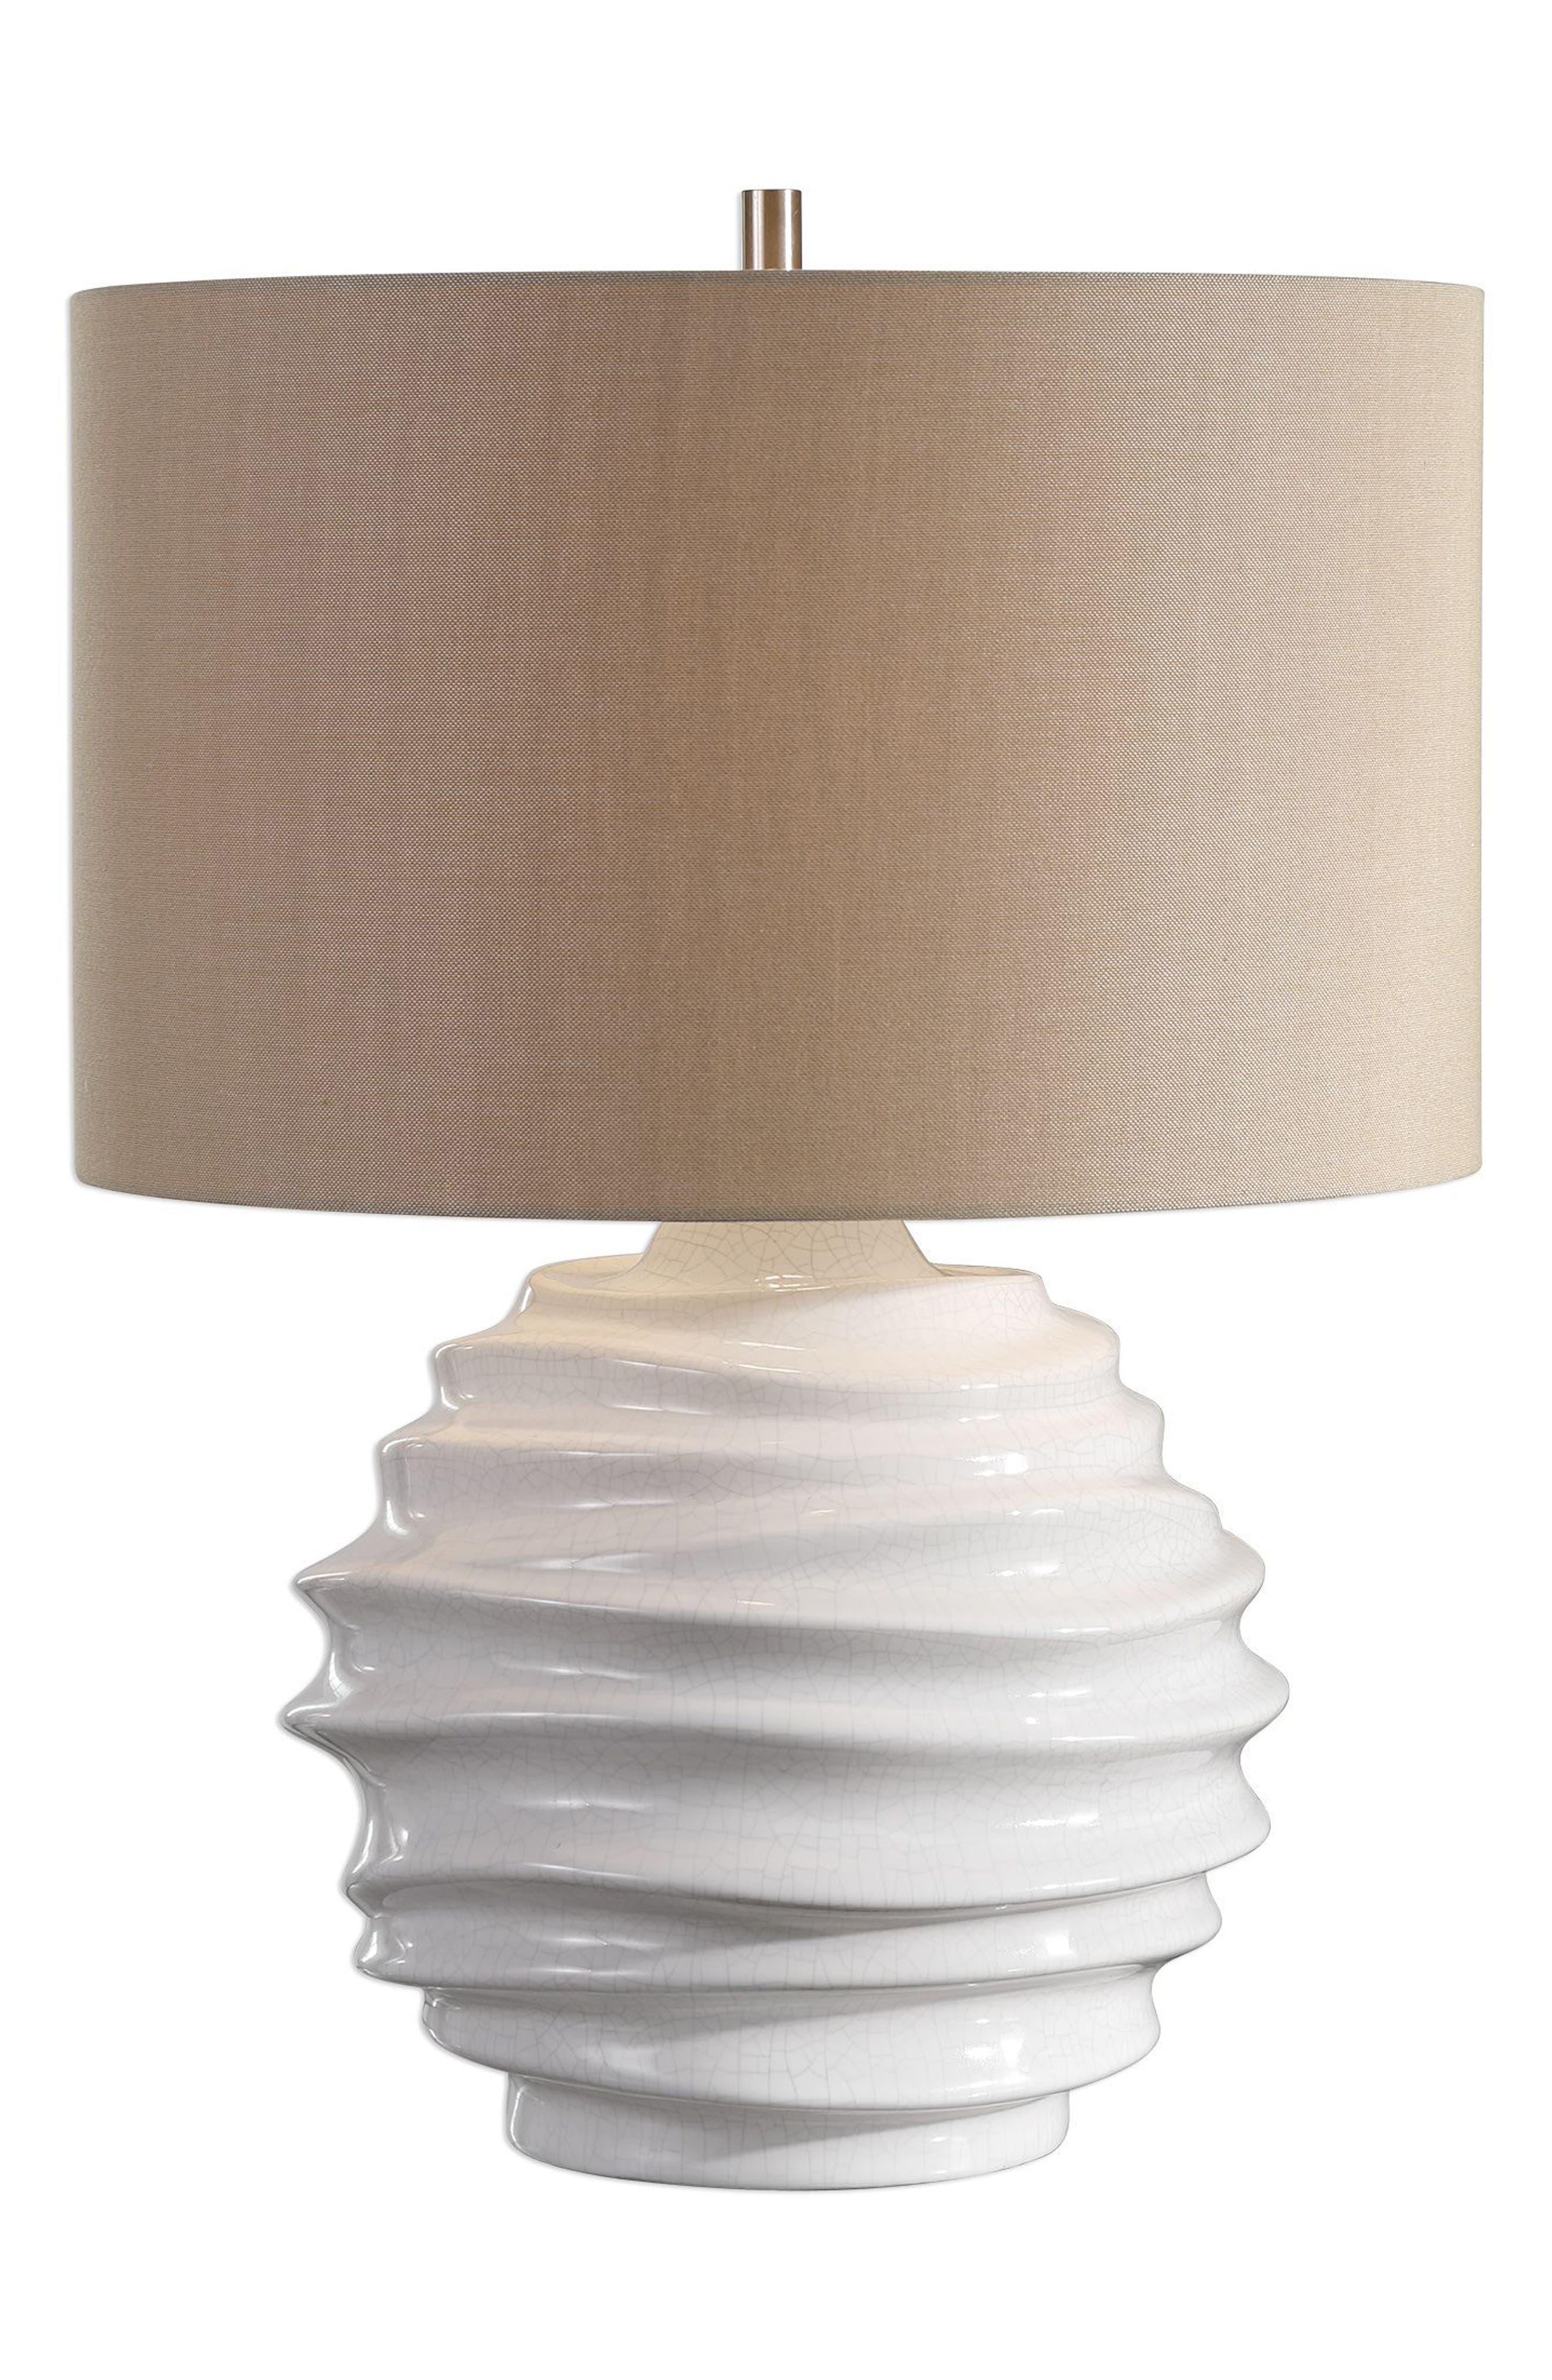 UTTERMOST,                             Gisasa Table Lamp,                             Main thumbnail 1, color,                             100